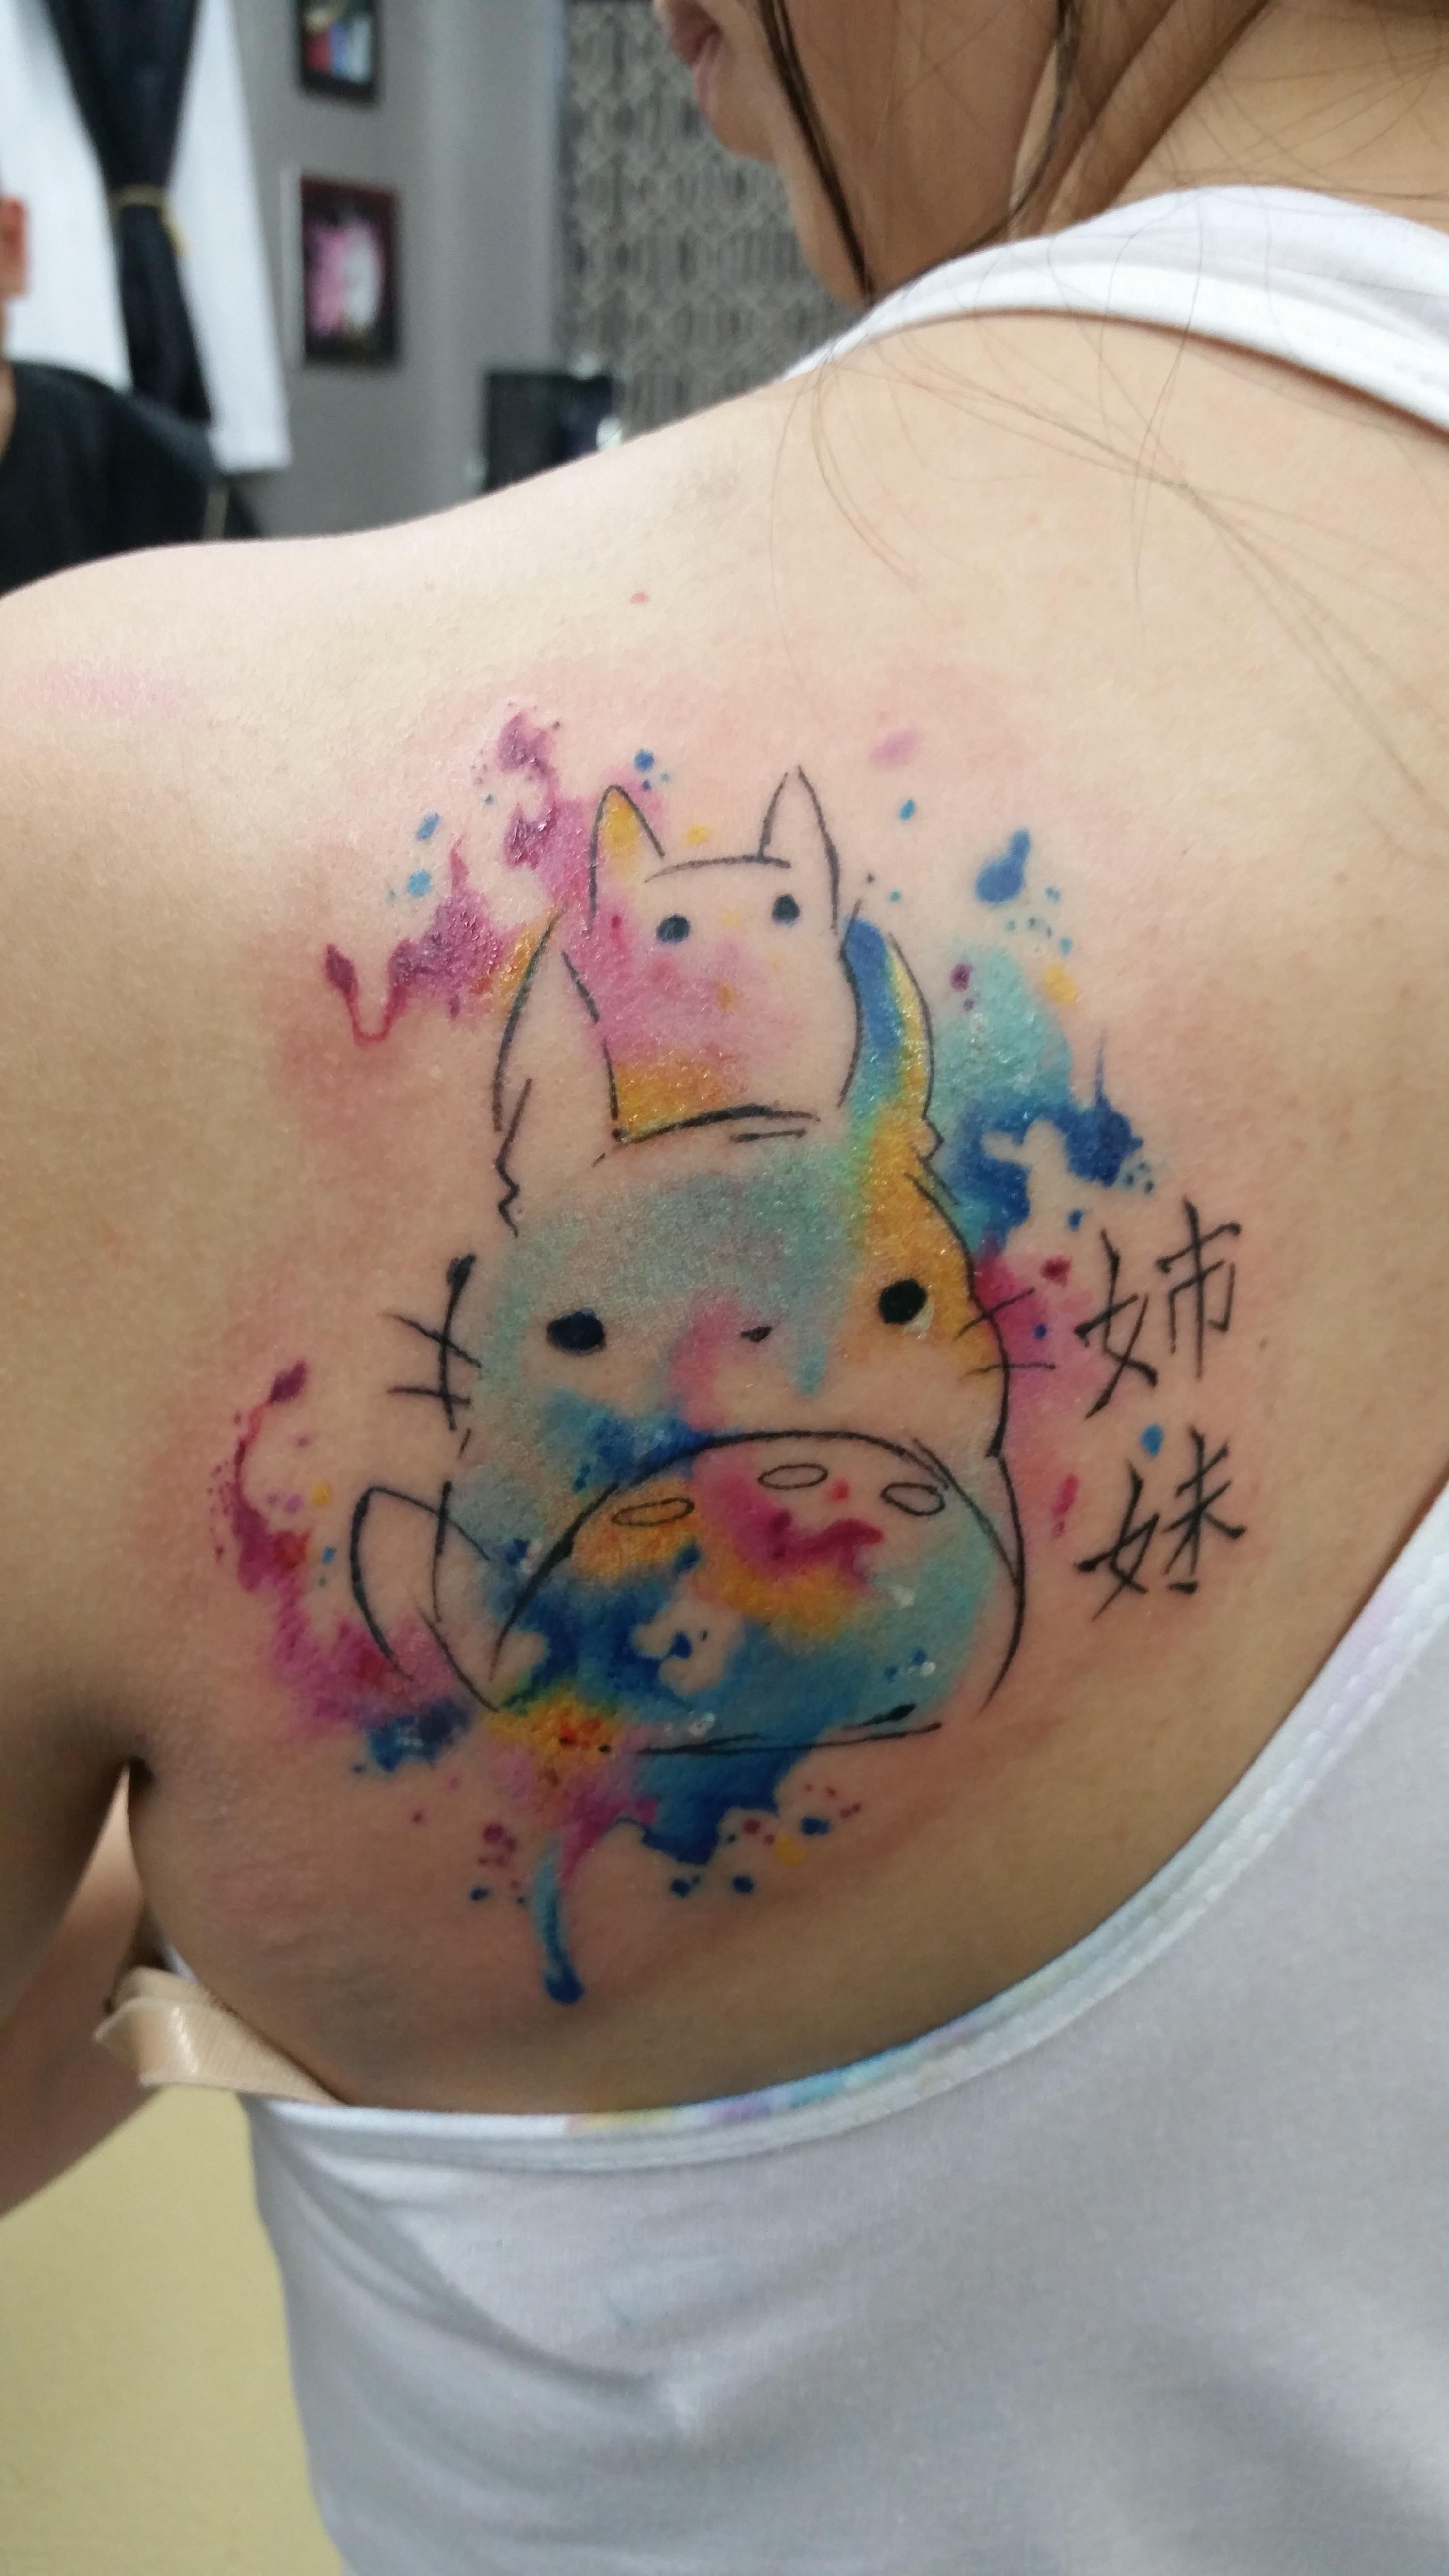 Totoro Sister Tattoo, Moses Veliz, Gold Dust Tattoo ... Totoro Thigh Tattoo